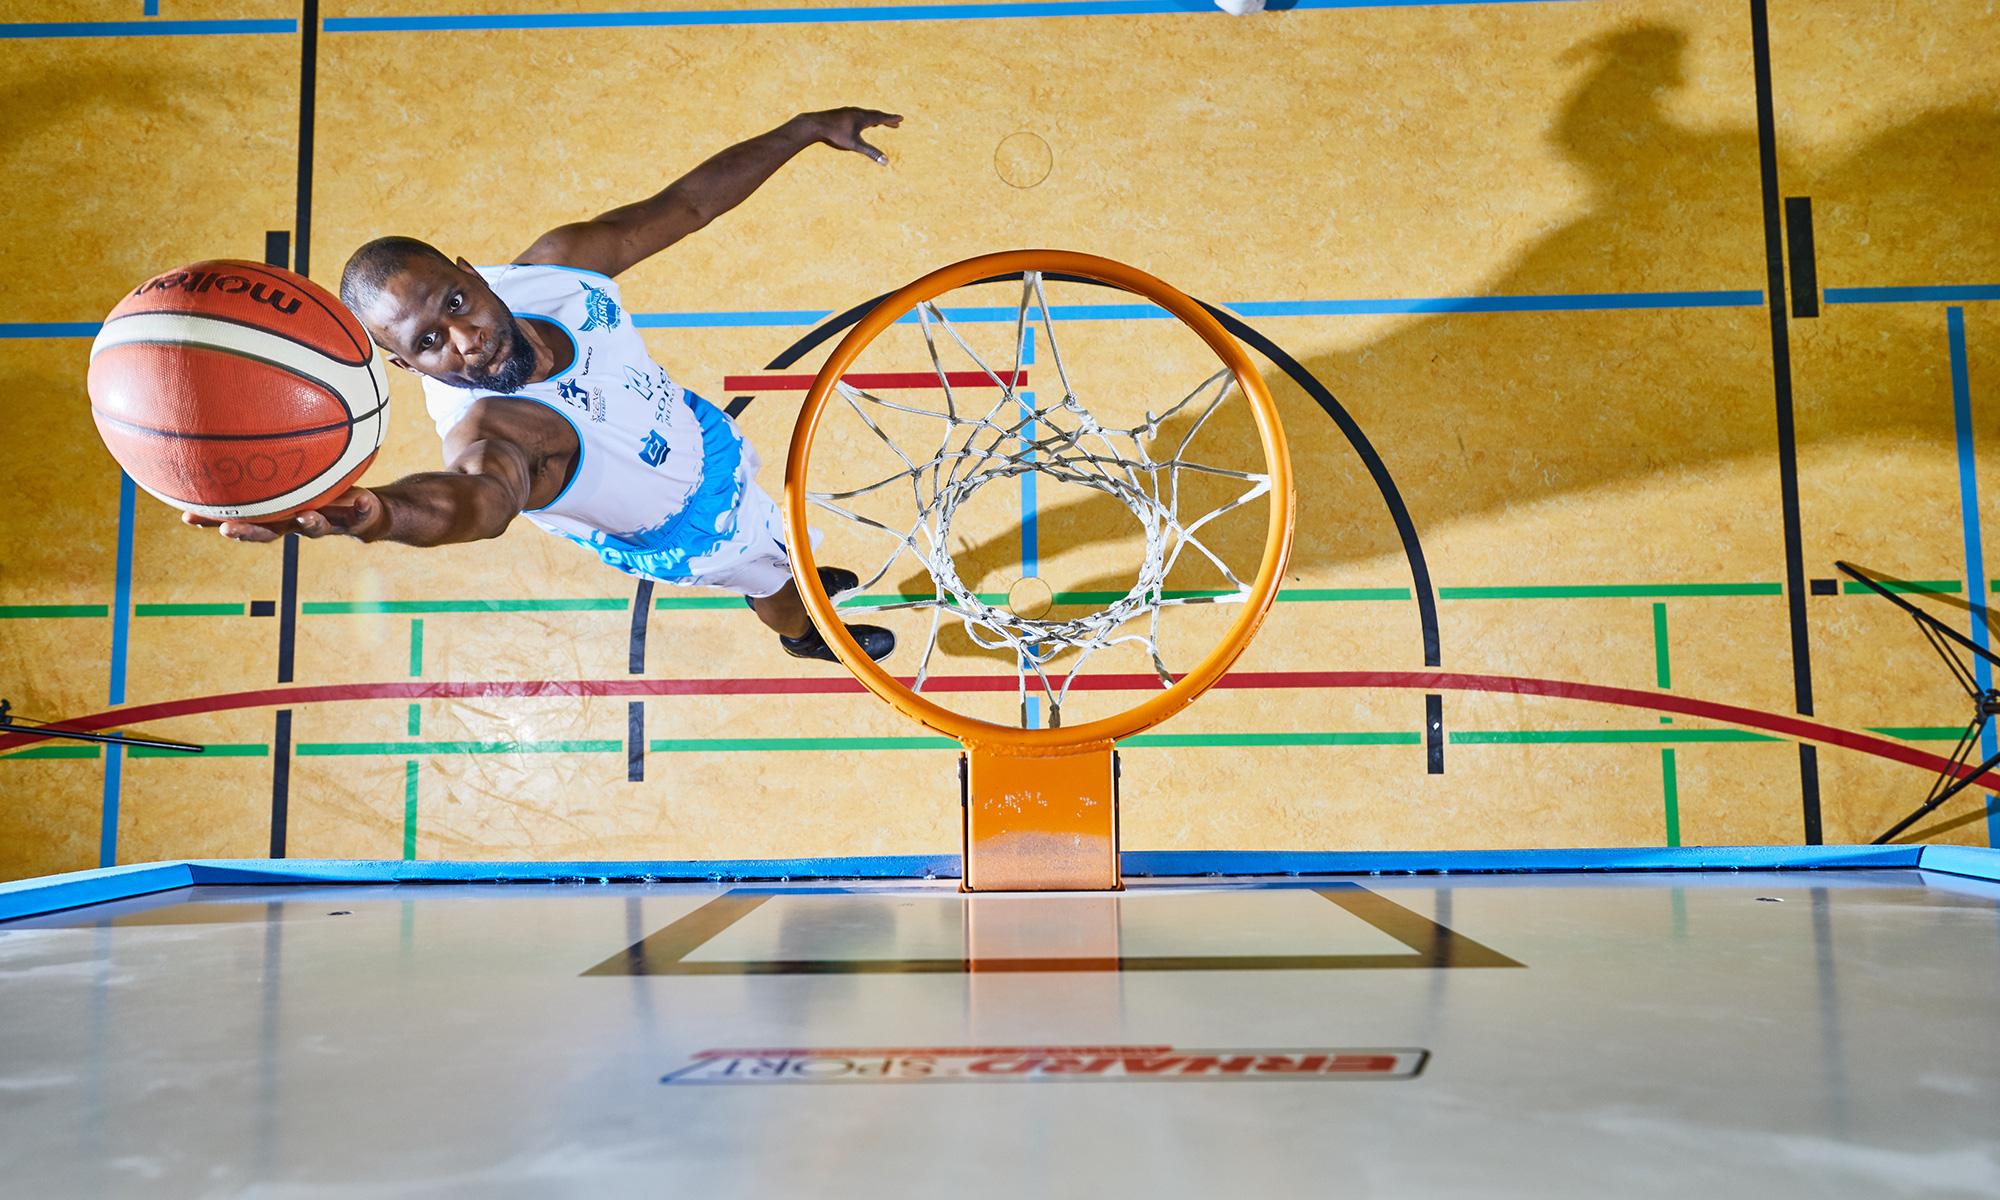 ref-baskets-foto1